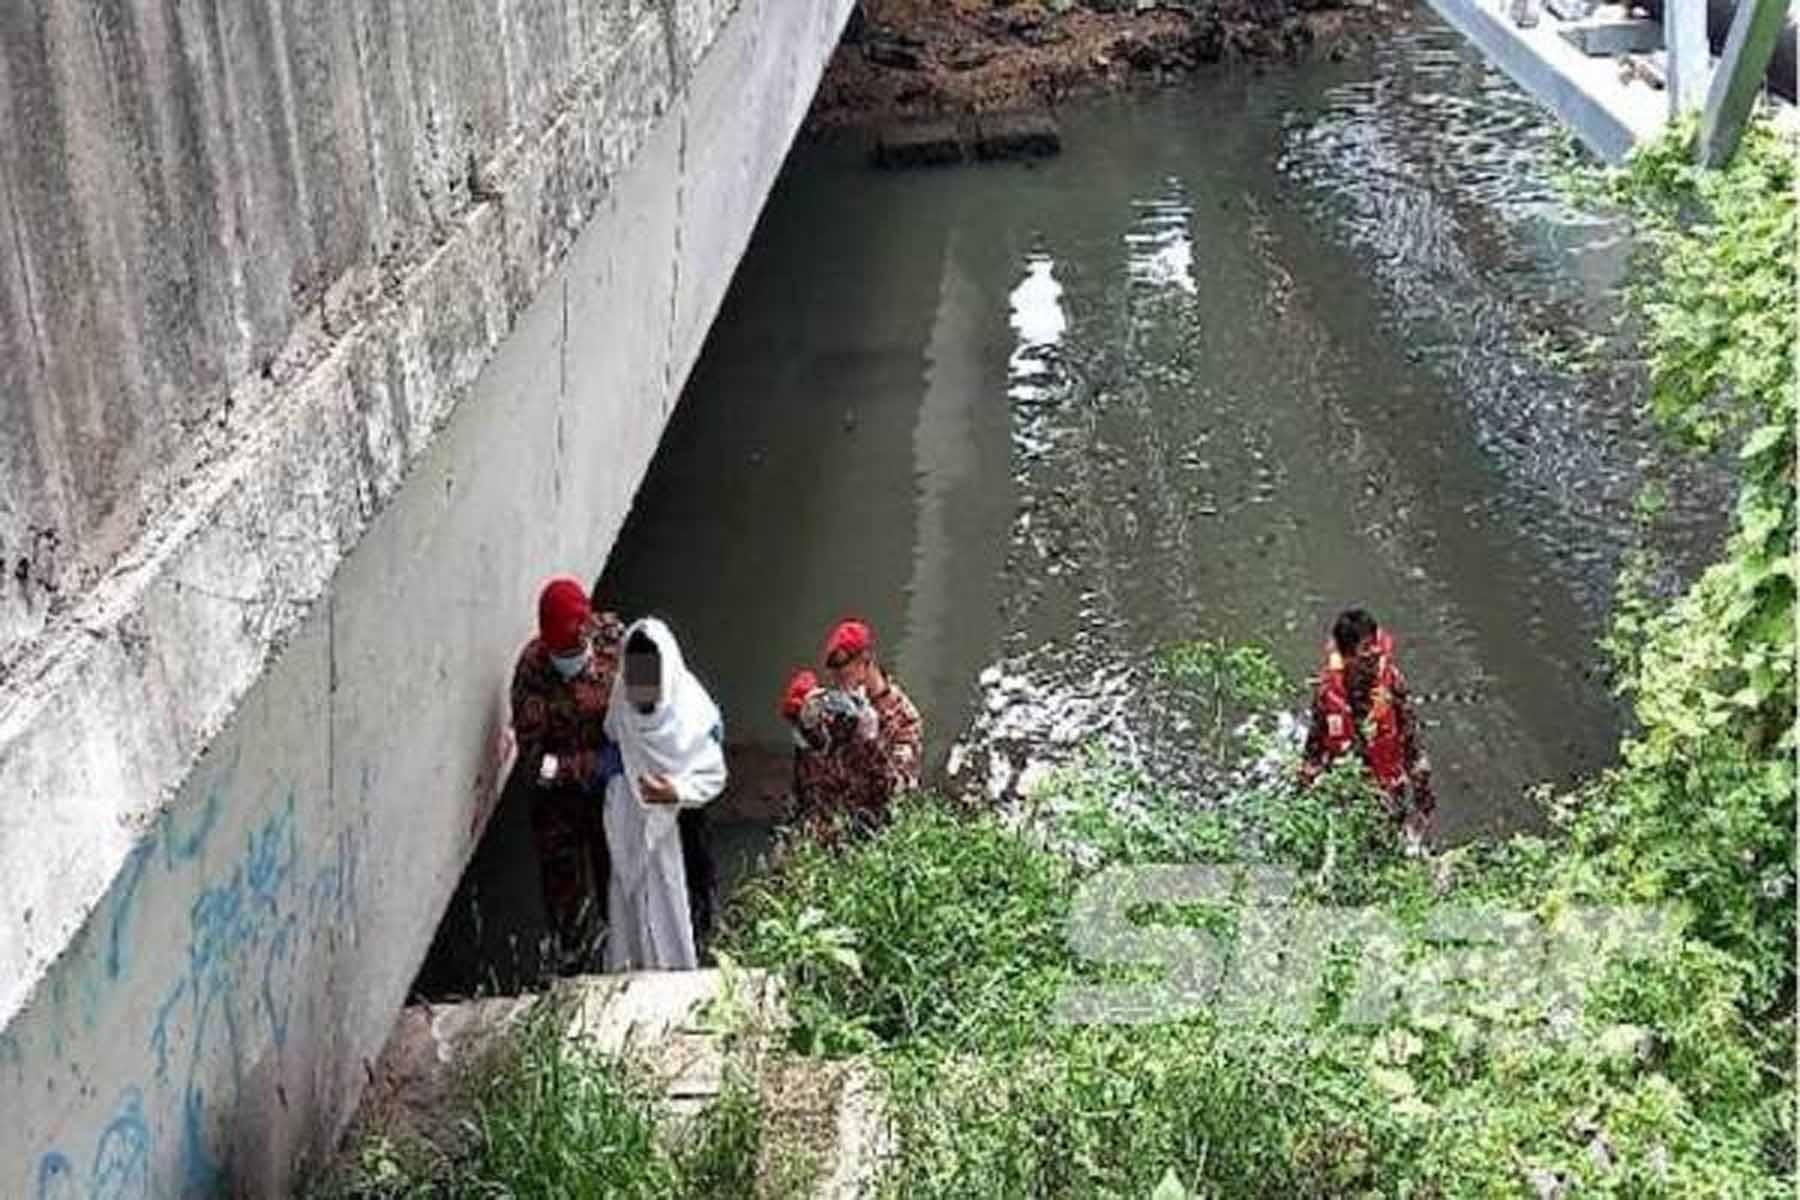 Gadis nekad terjun sungai kerana tertekan